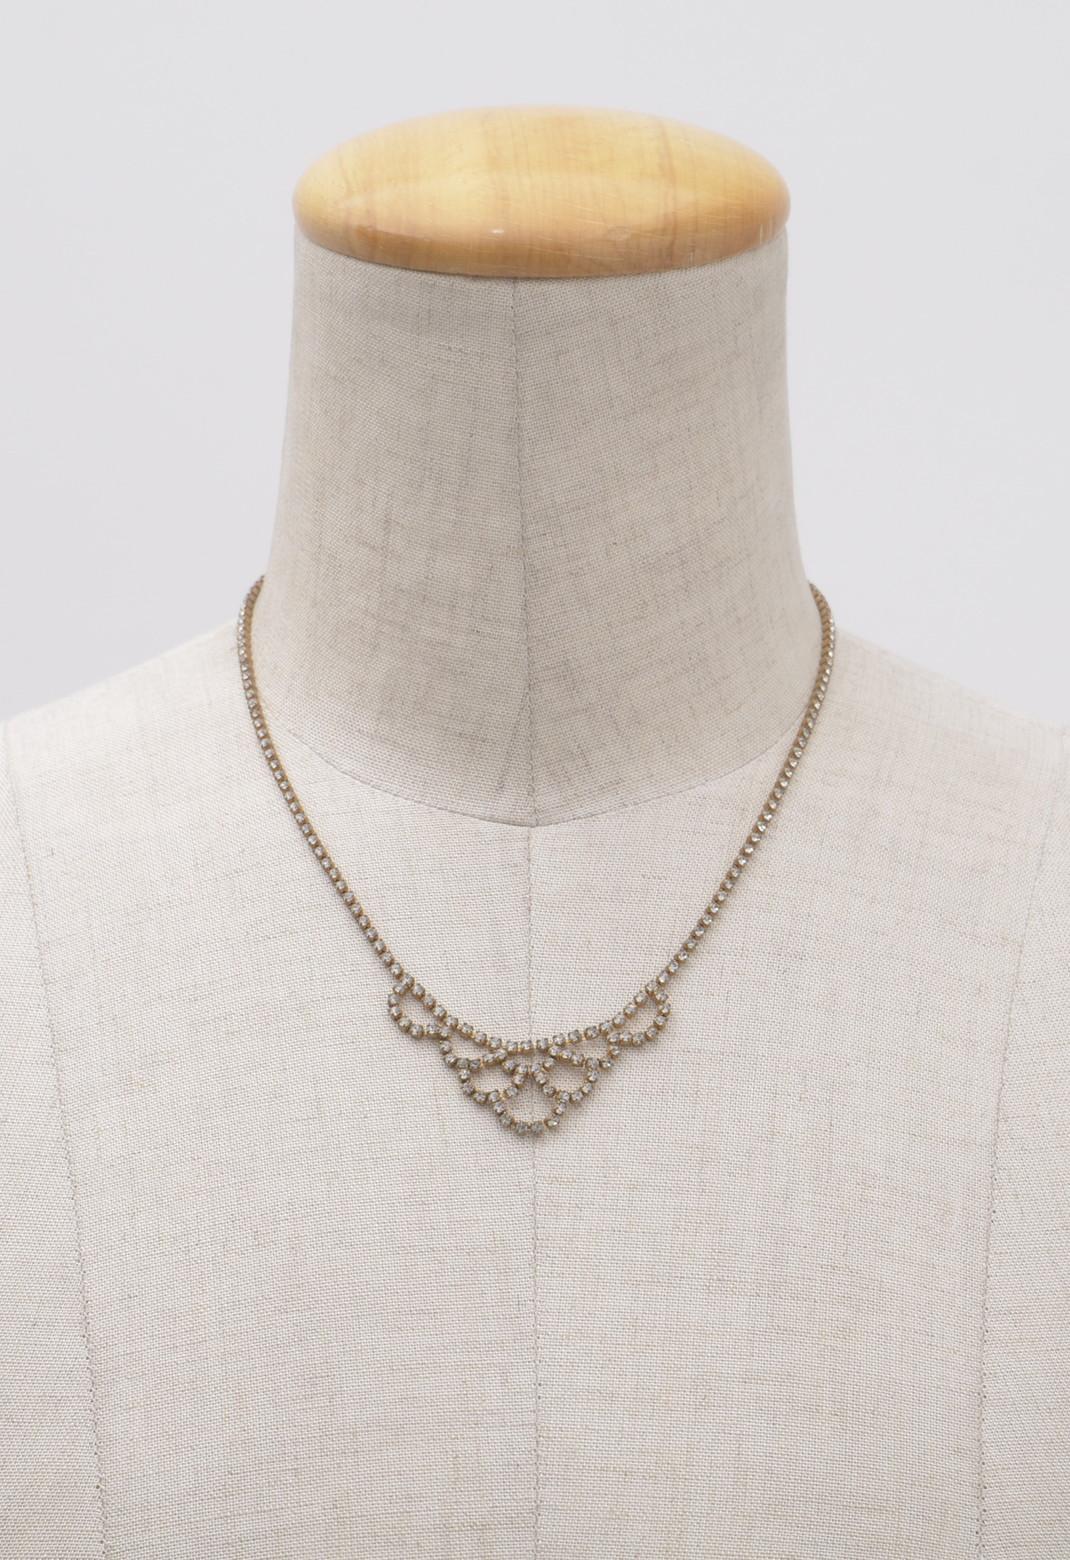 ラインストーン デザイン ゴールド ネックレス